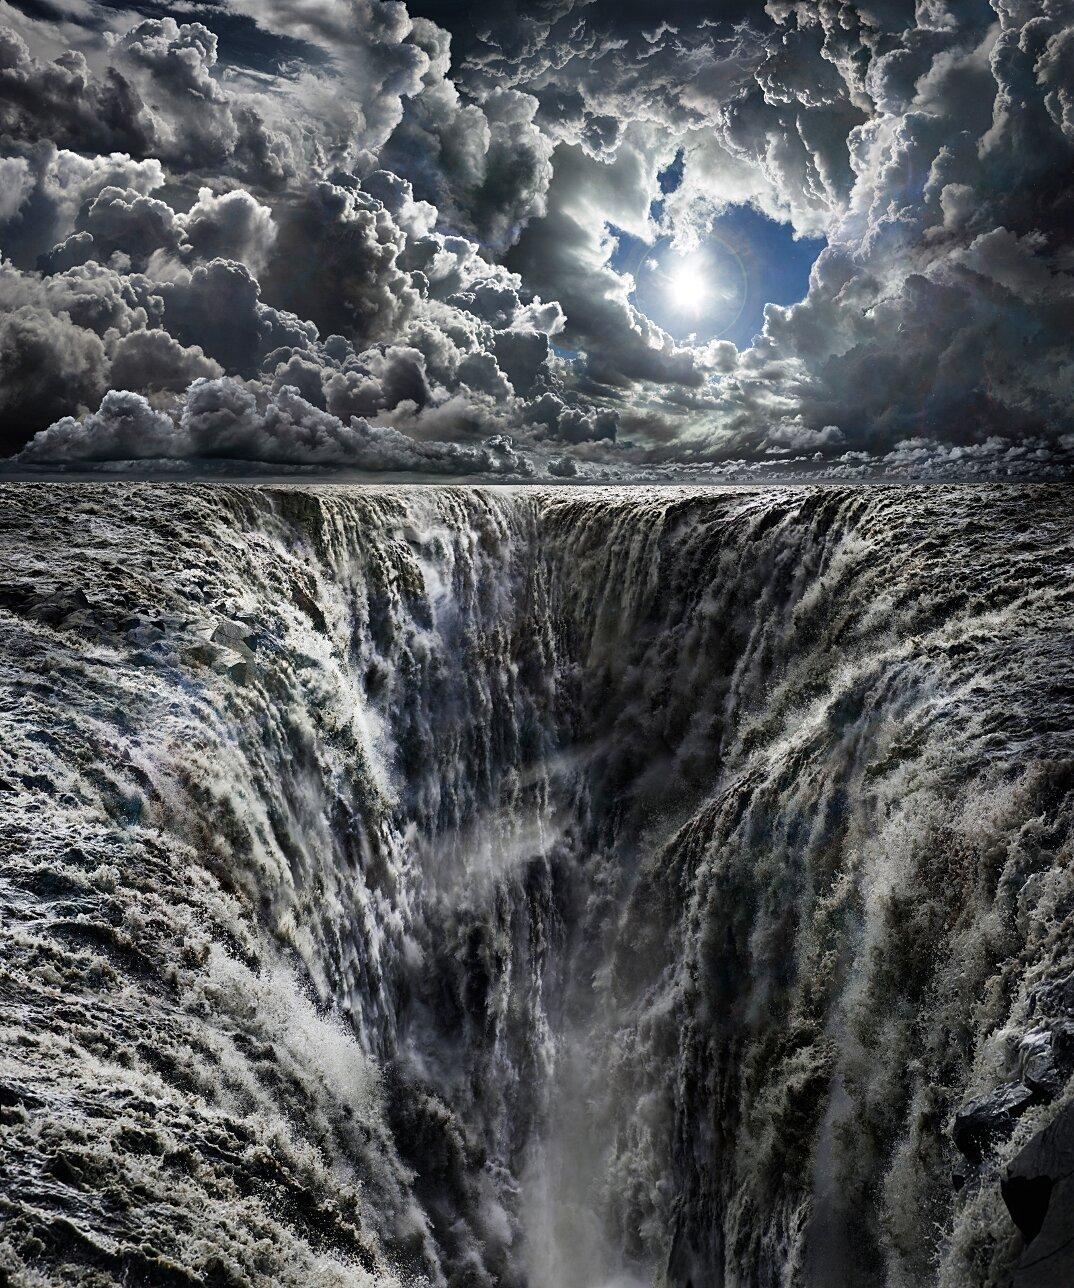 immagini-nuvole-seb-janiak-05